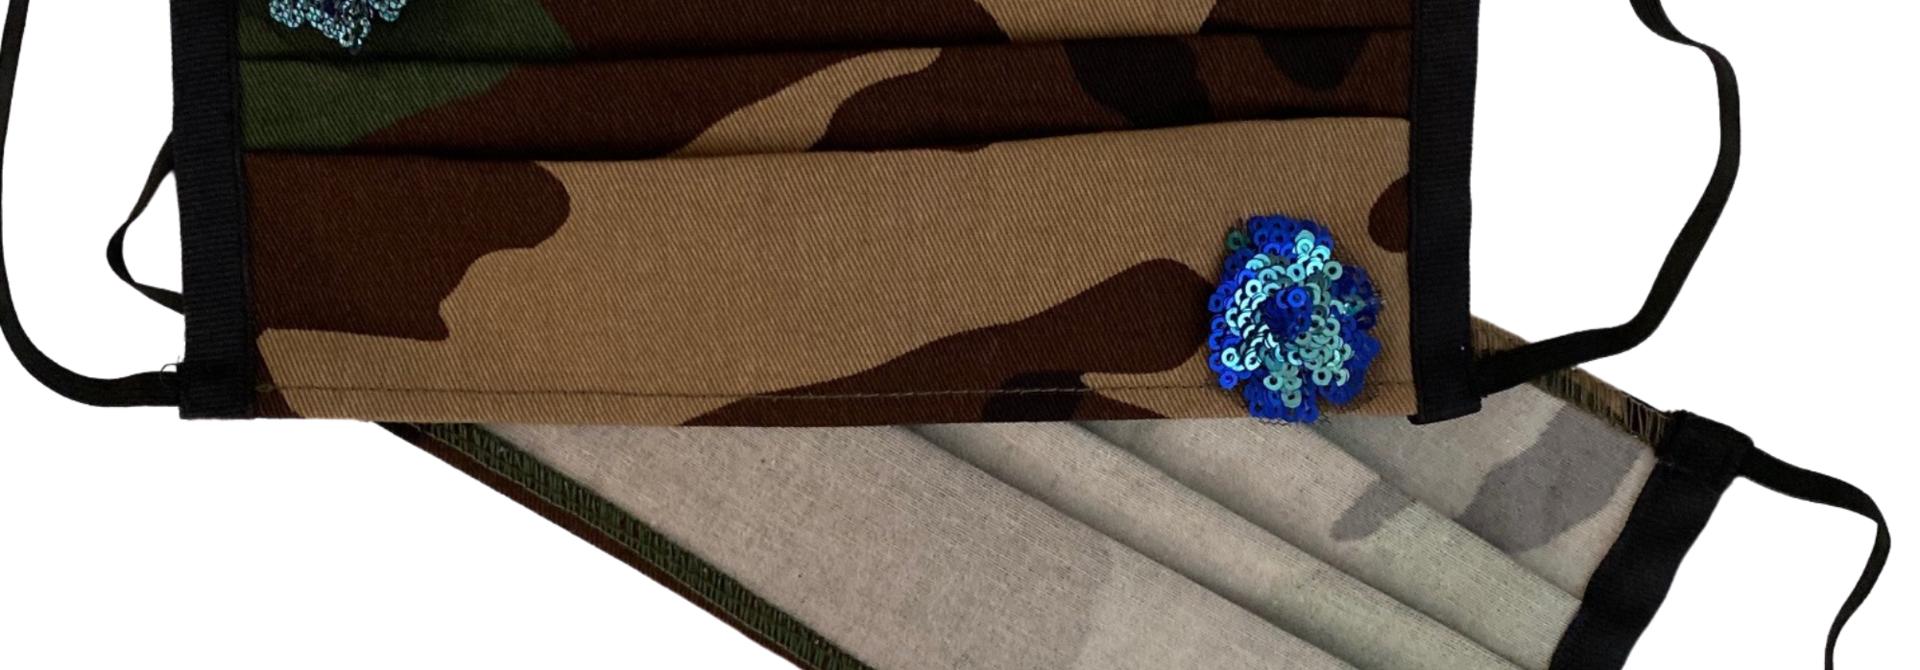 JBV CAMO MASK HAND EMBELLISHED BLUE SEQUIN FLORAL